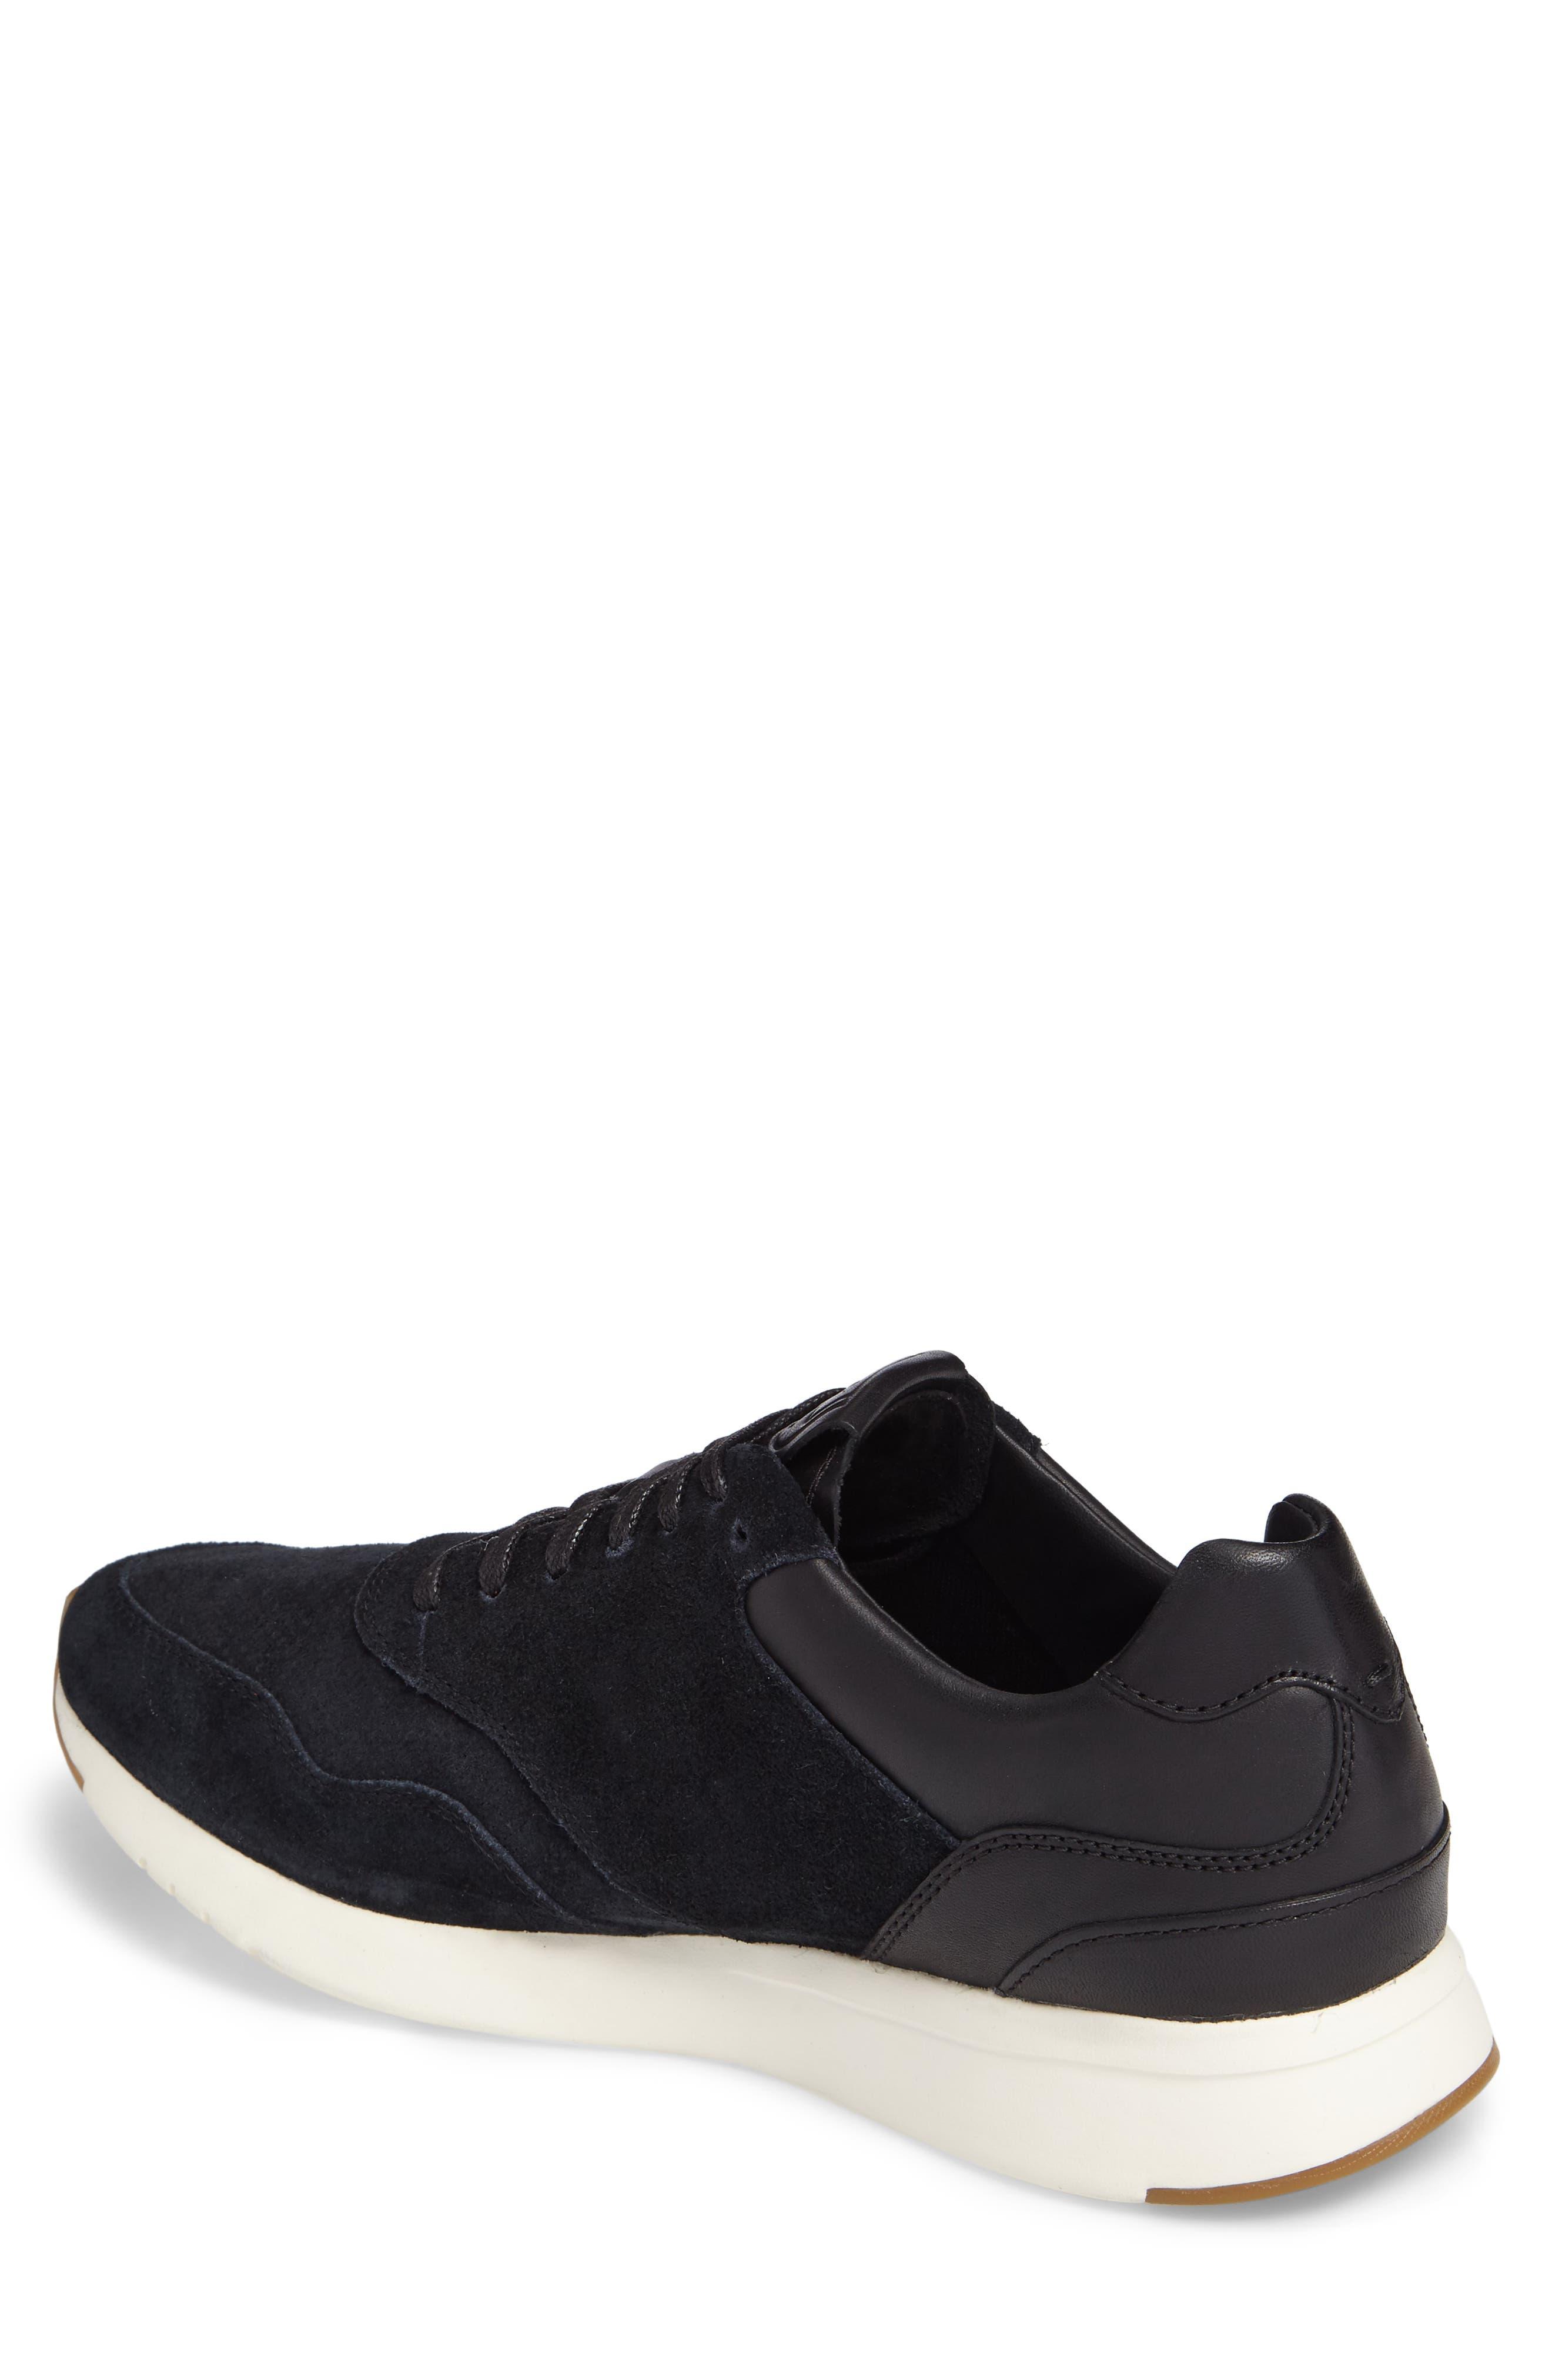 GrandPro Runner Sneaker,                             Alternate thumbnail 9, color,